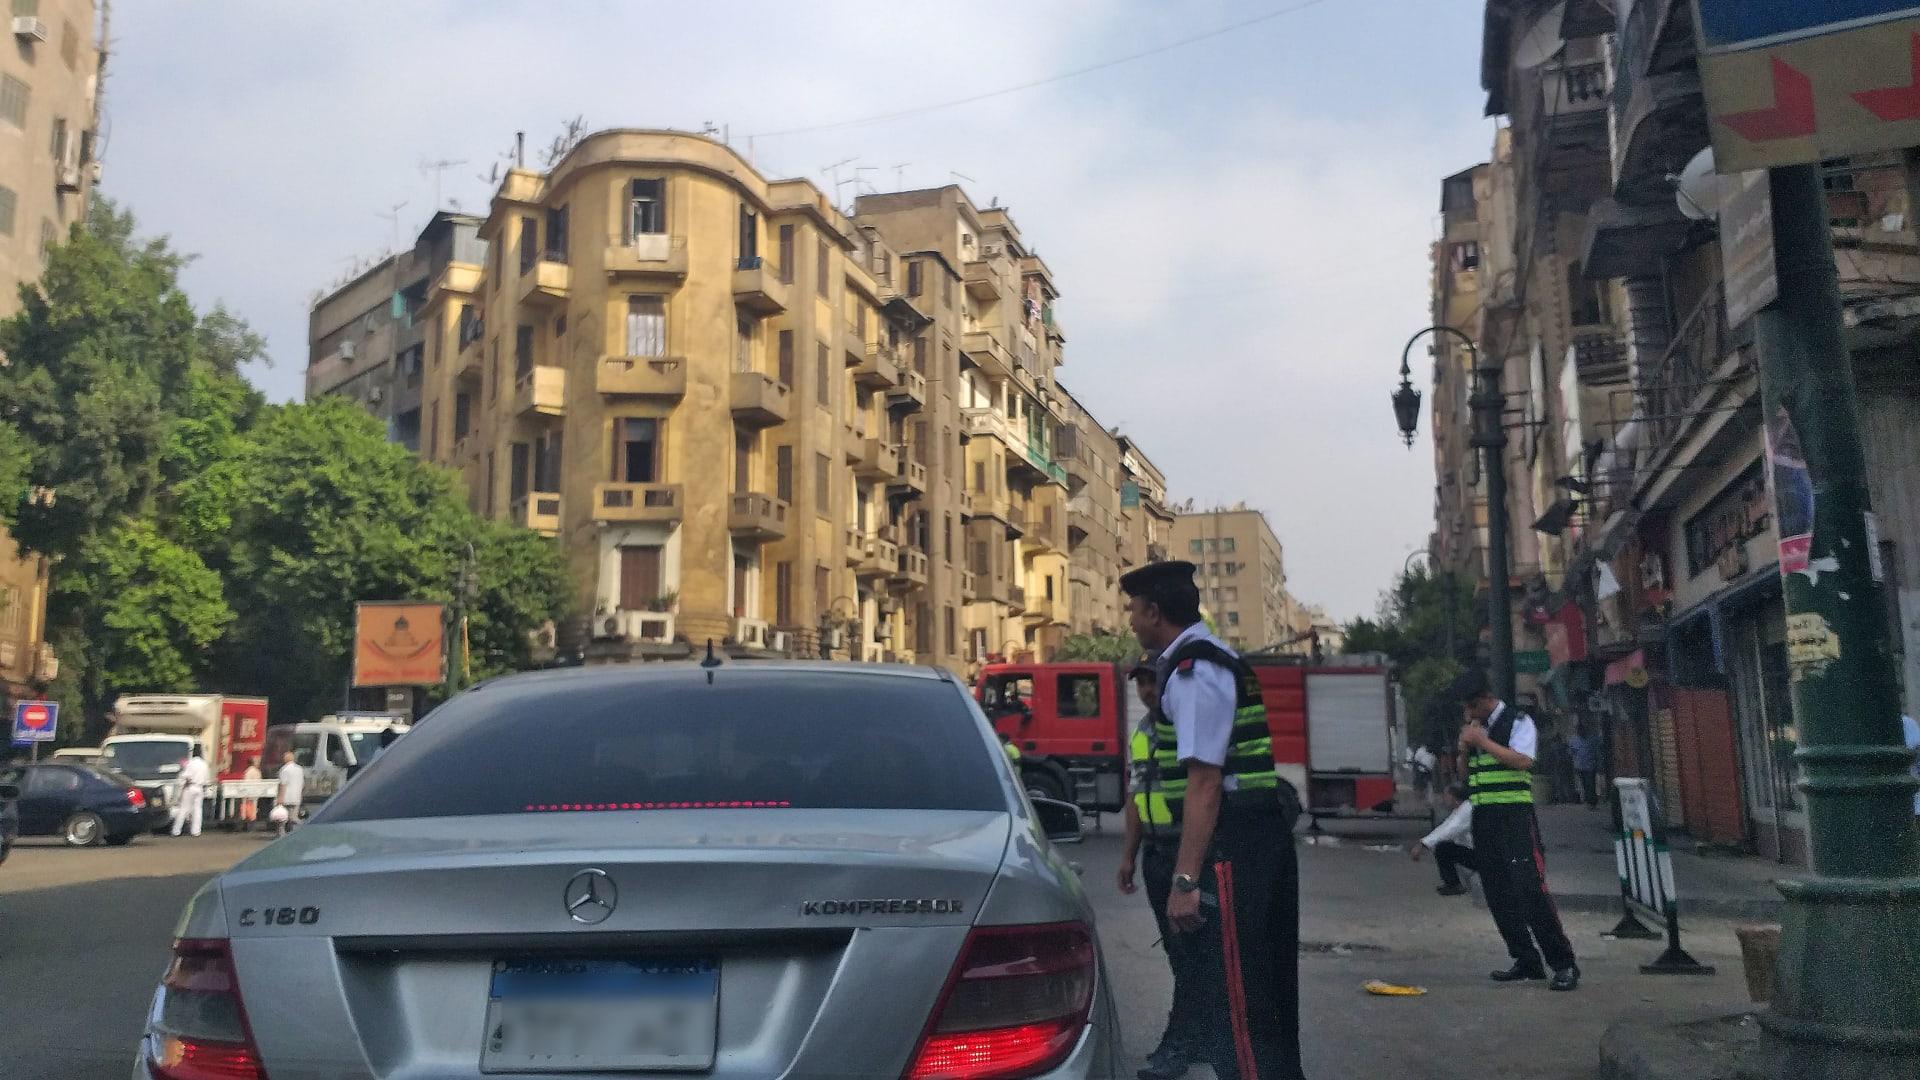 """مظاهرات مصر.. كل الطرق لا تؤدي إلى """"التحرير"""".. و""""المنصة"""" مفتوحة لمؤيدي الرئيس"""